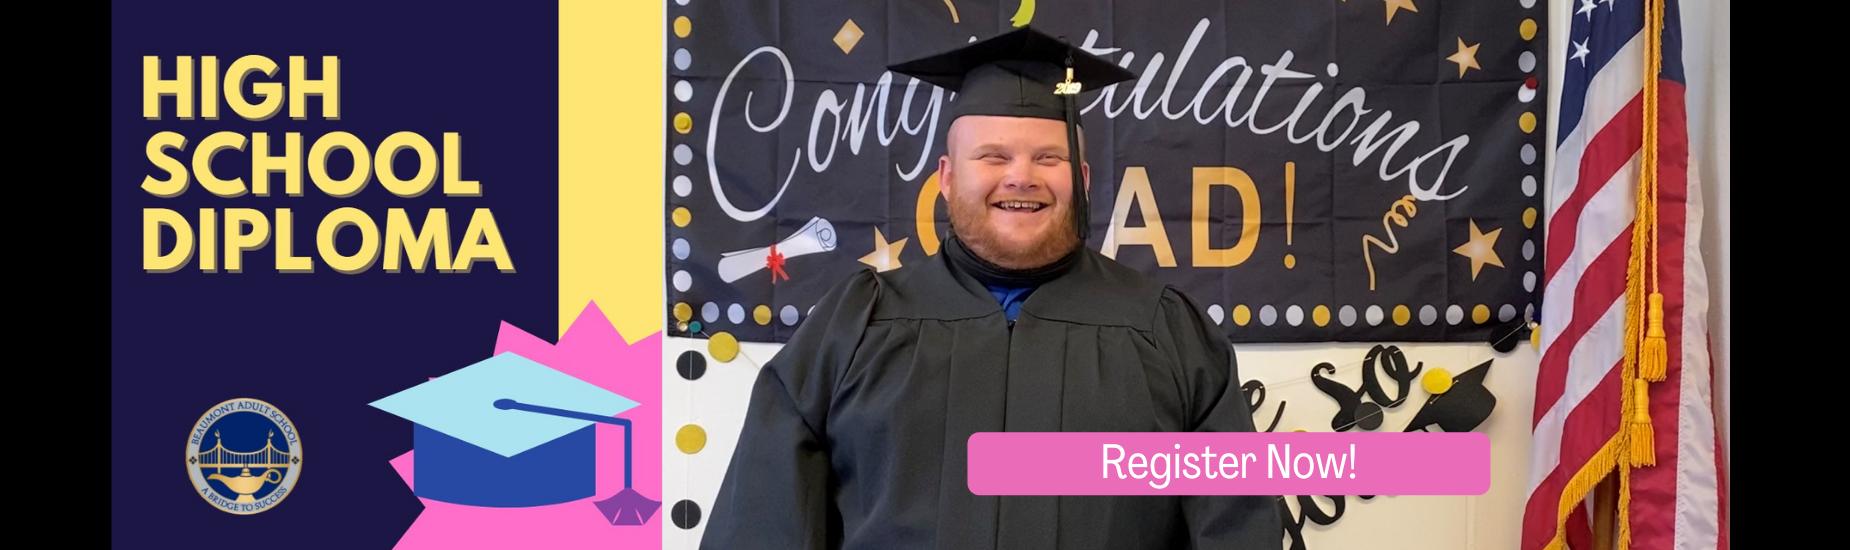 Man in Graduation Cap